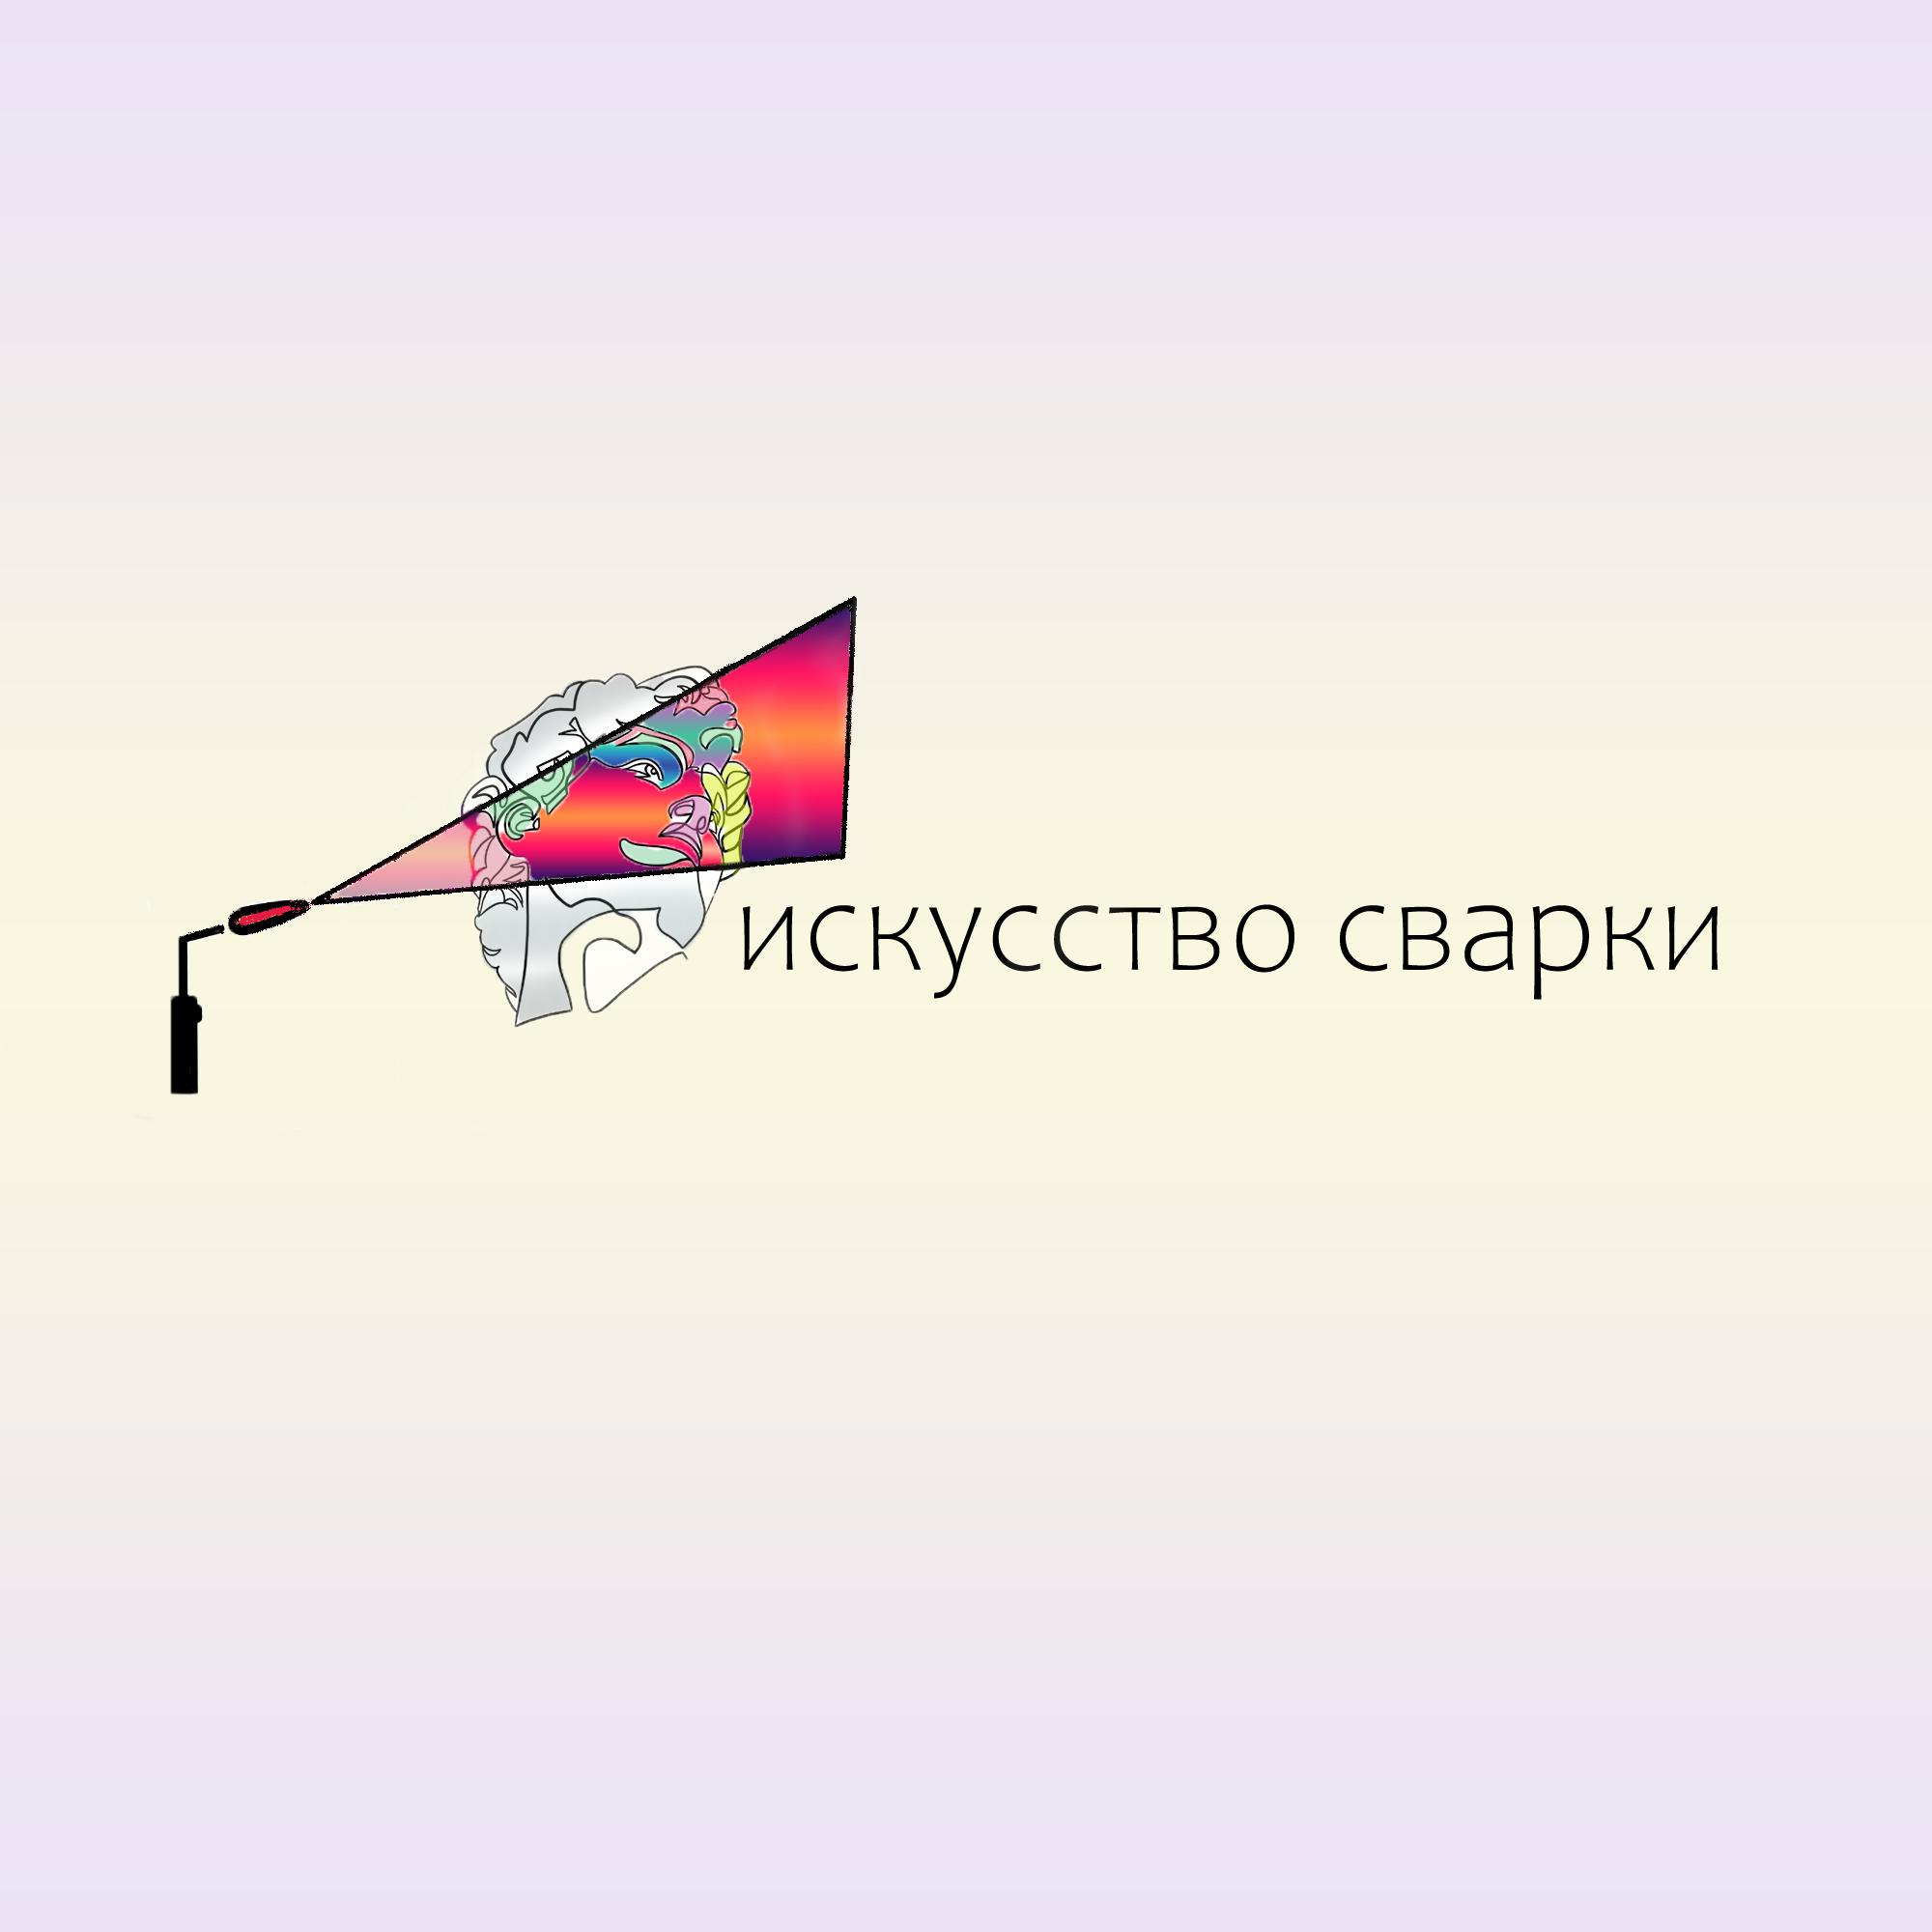 Разработка логотипа для Конкурса фото f_6445f6fb7cad0717.png